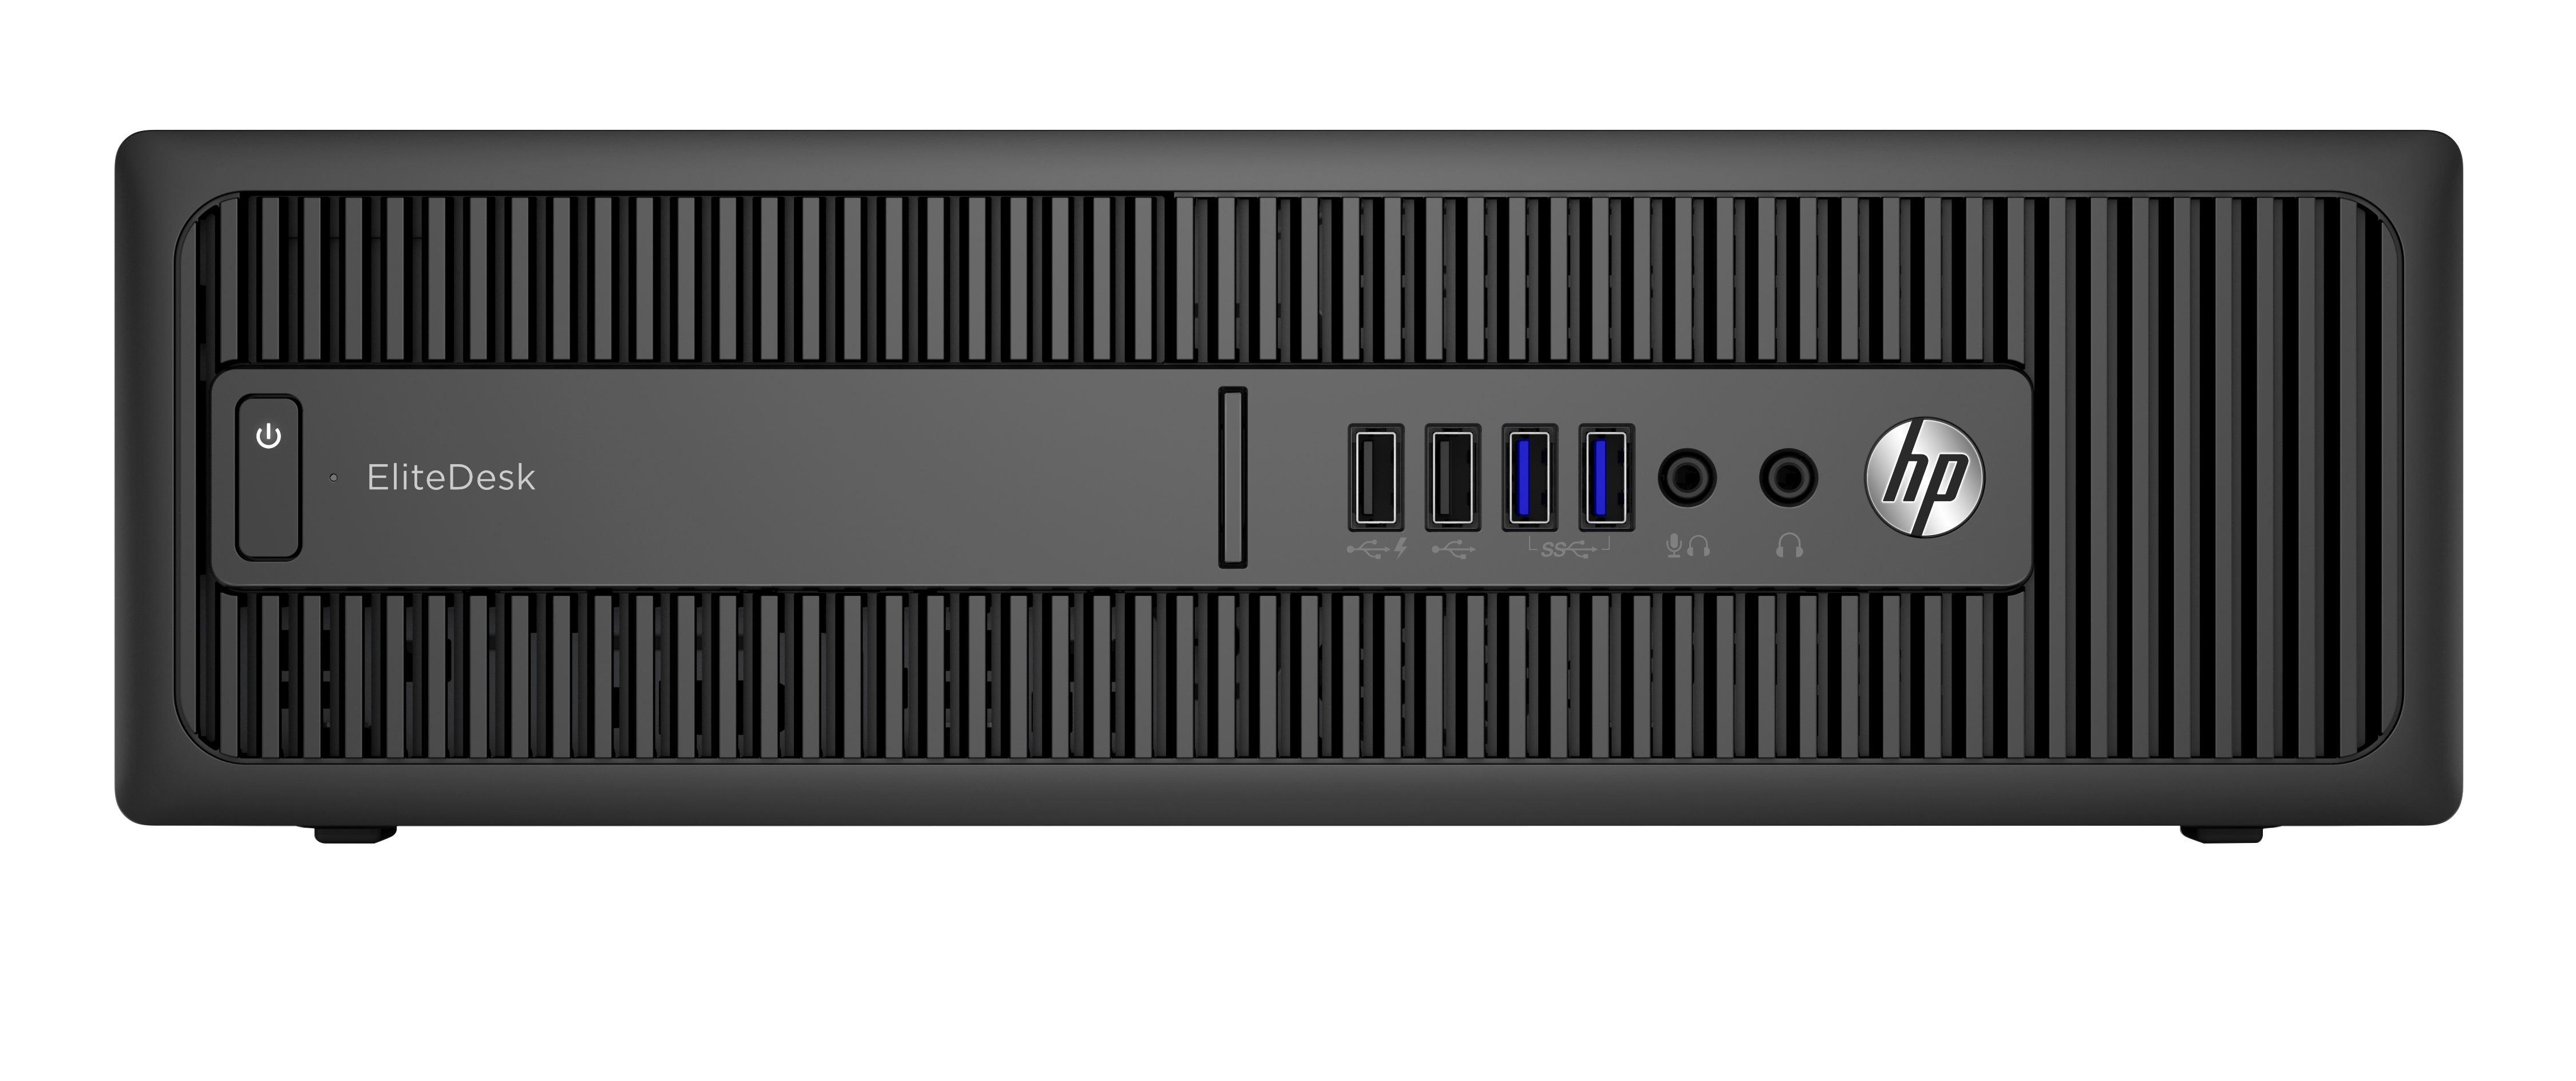 HP EliteDesk 800 G2 6th gen Intel® Core™ i5 i5-6500 4 GB DDR4-SDRAM 500 GB  HDD Black SFF PC